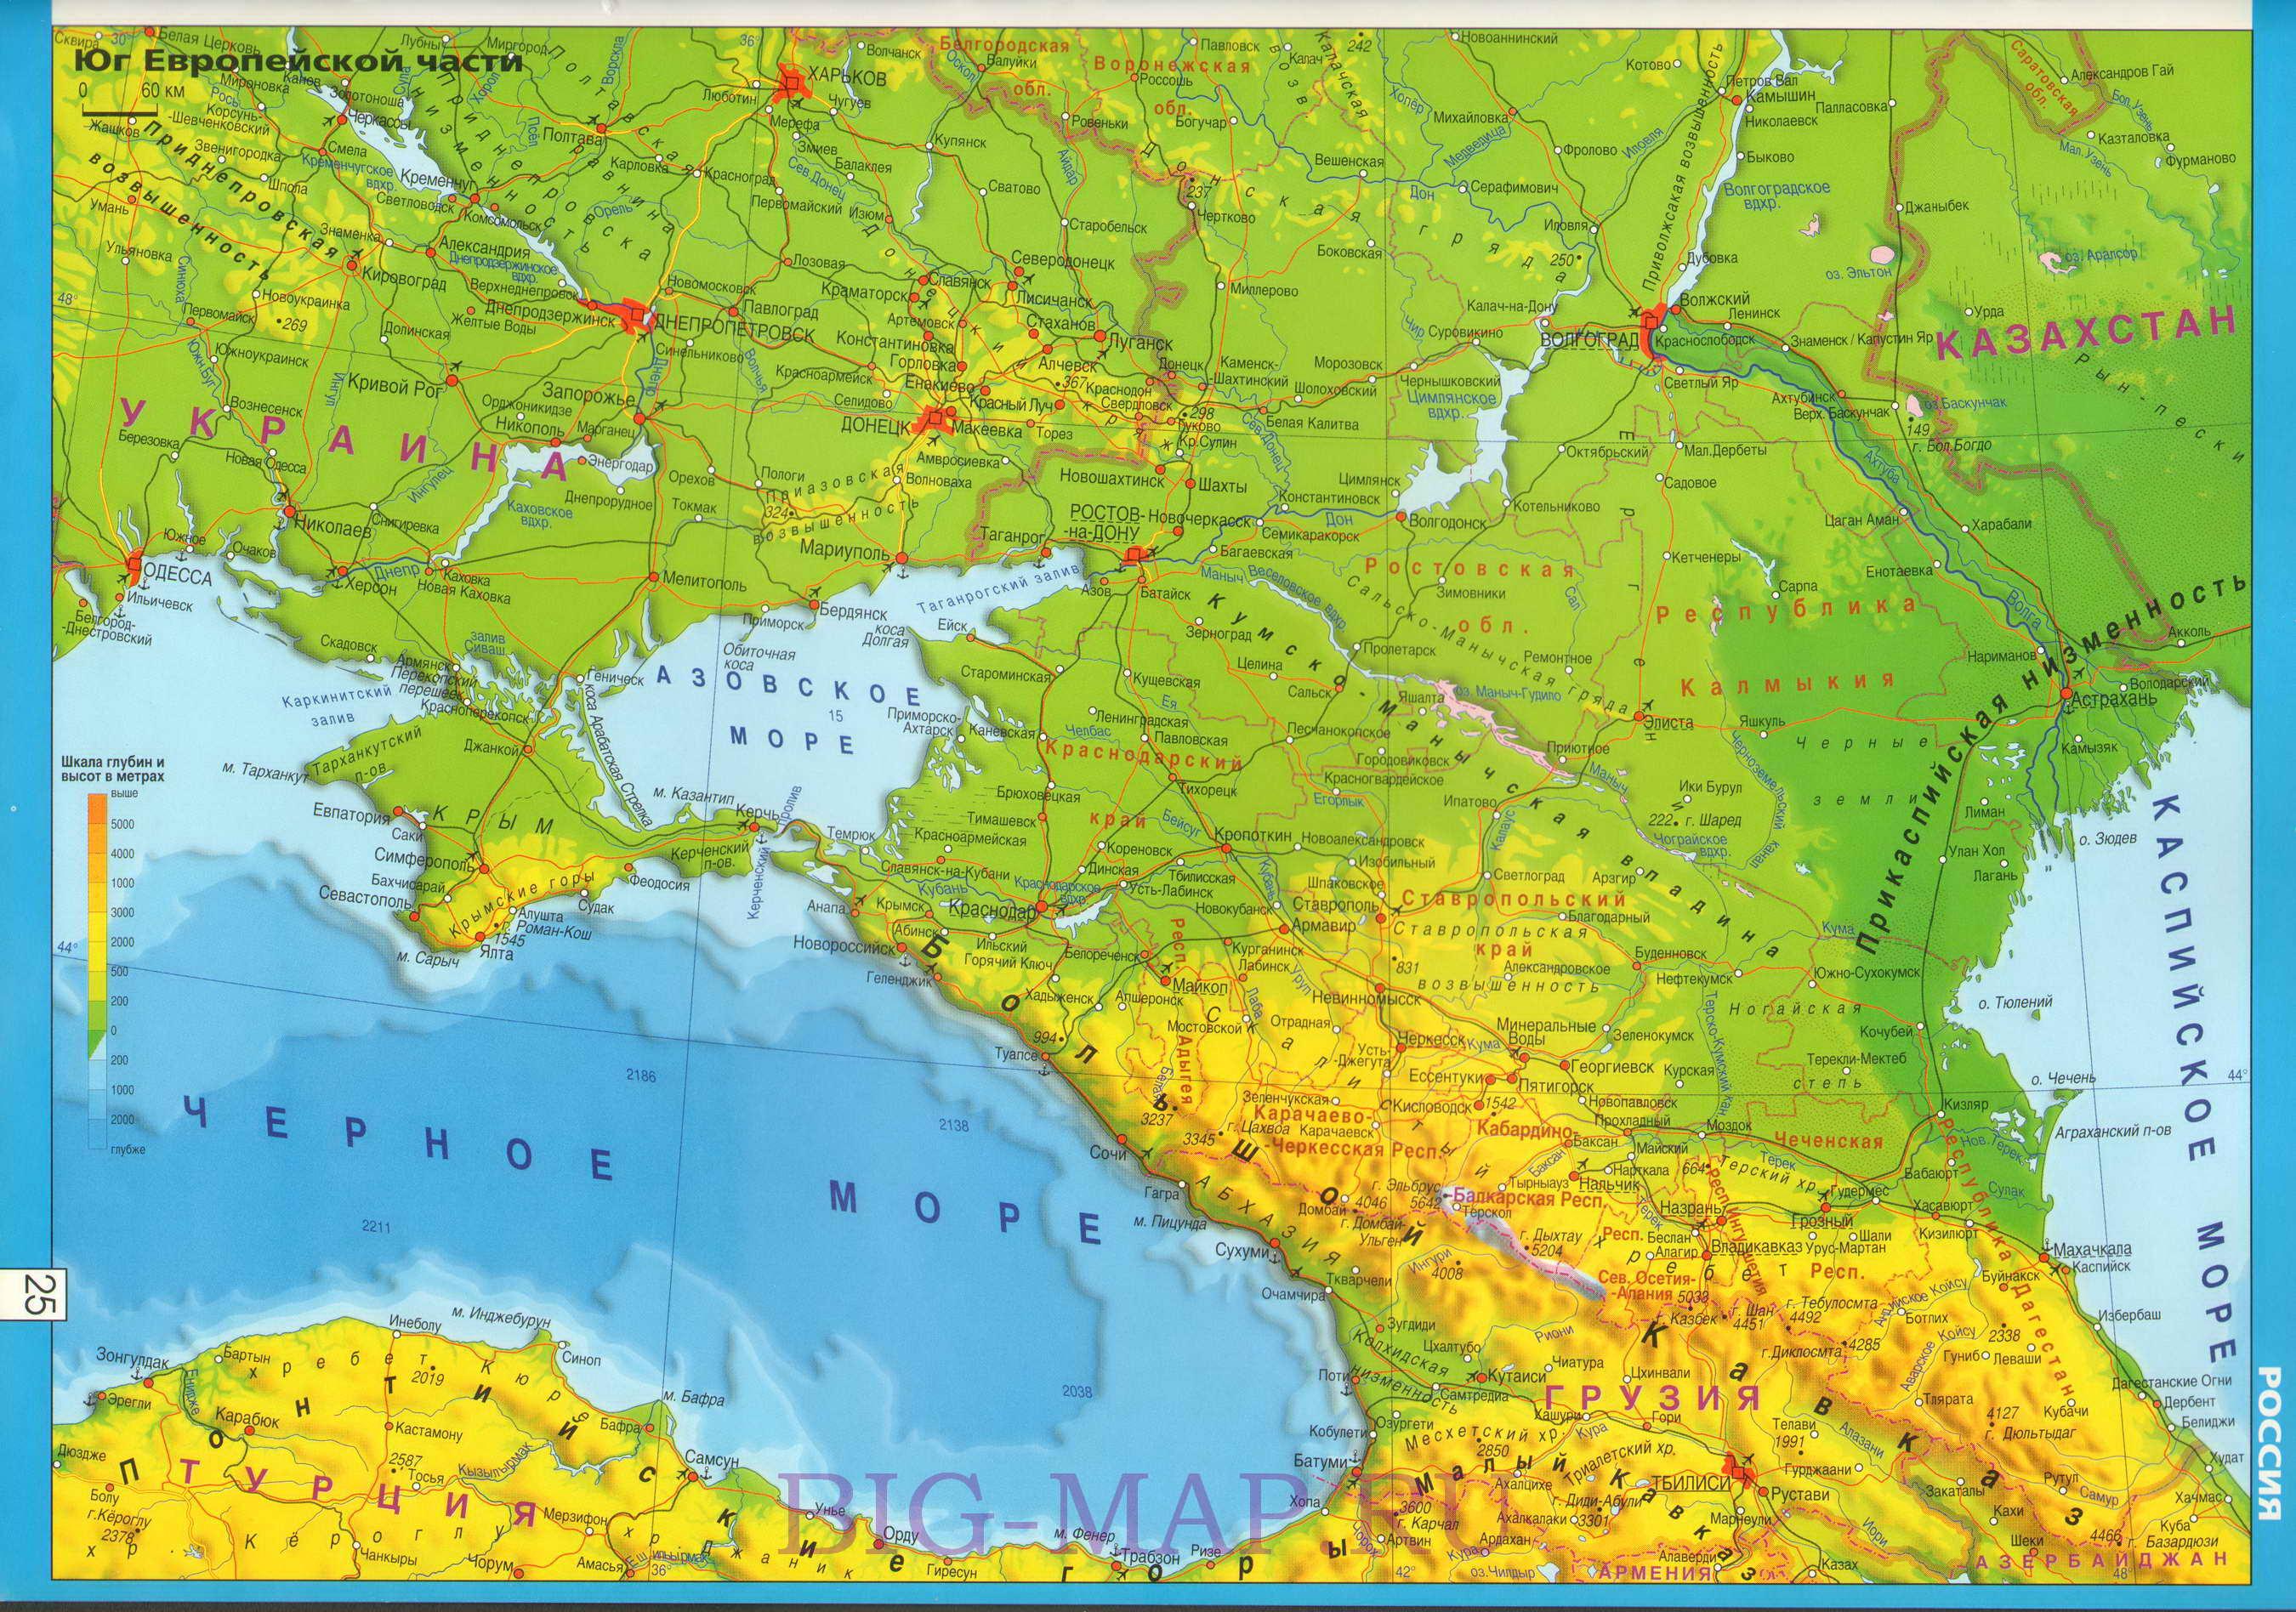 Карта Юг России Для Ets 2